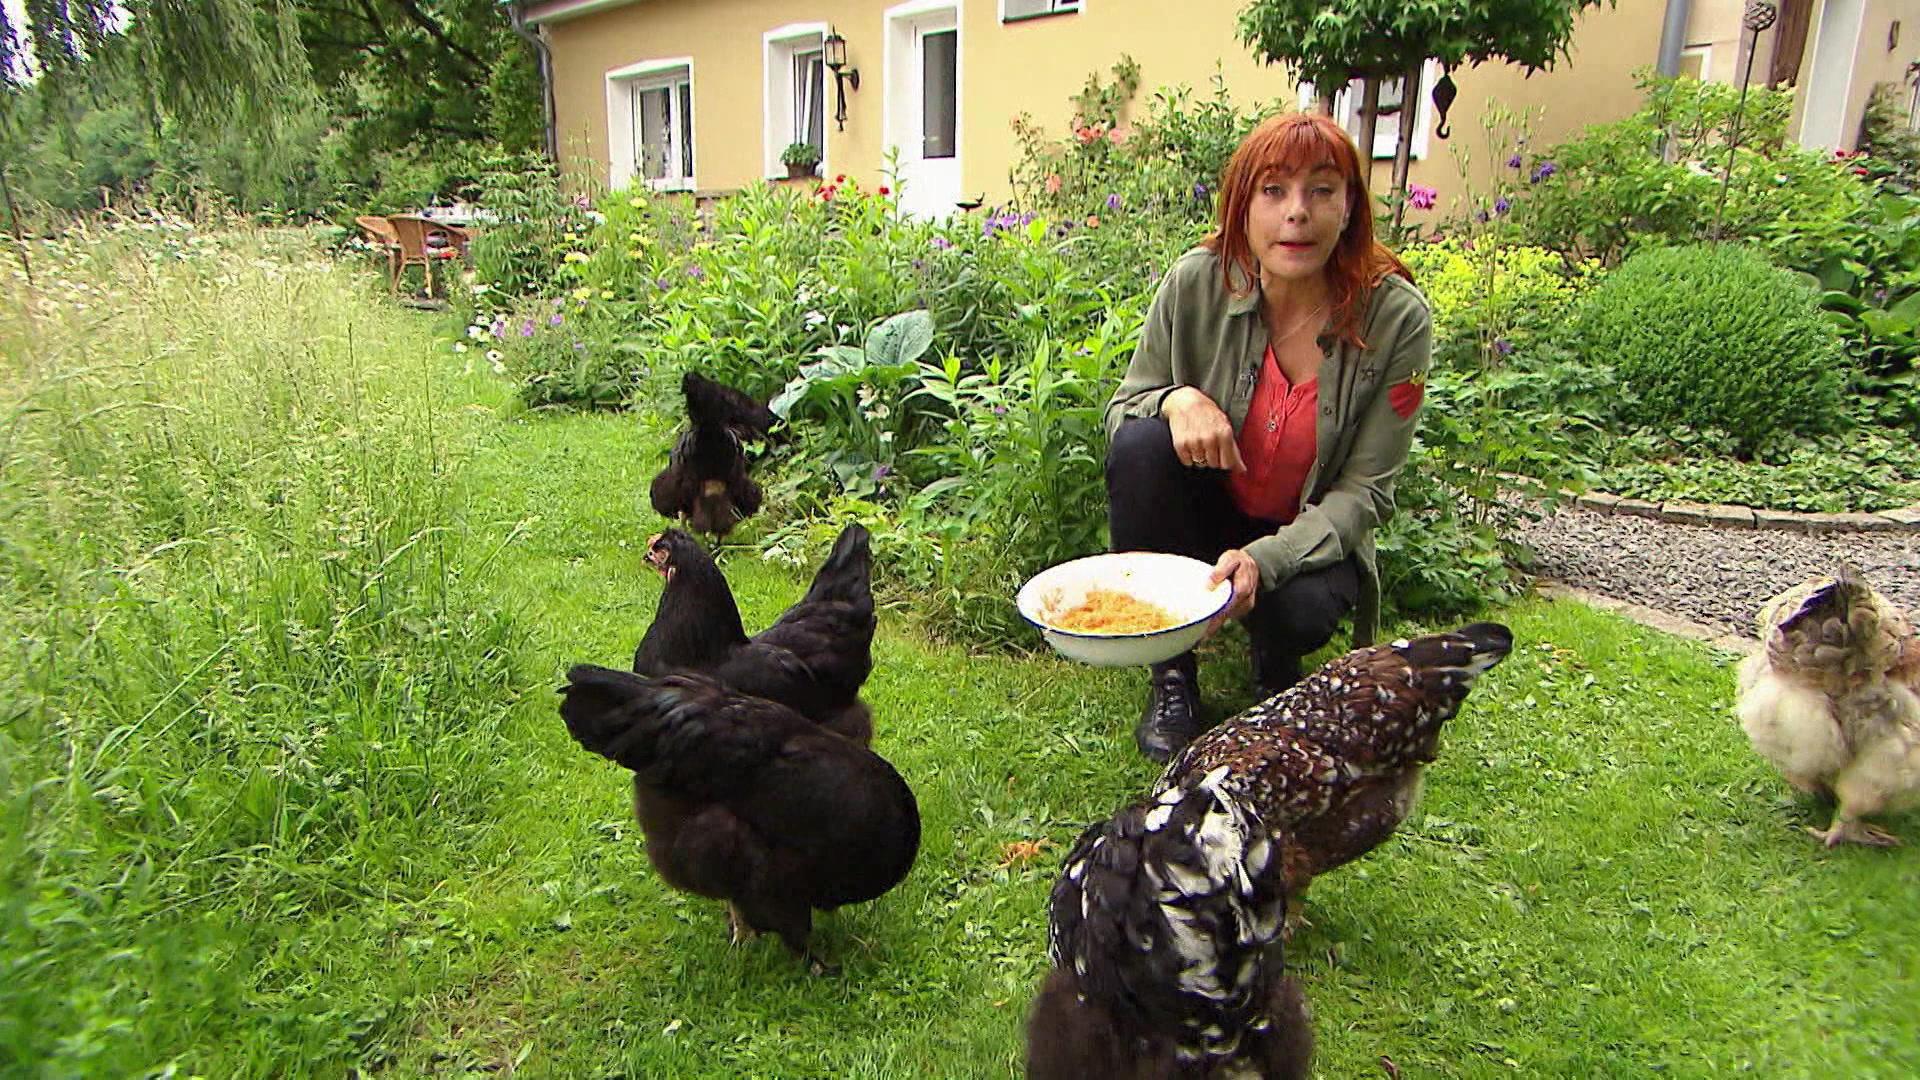 Thema heute u.a.: Private Hühnerhaltung   Folge 16